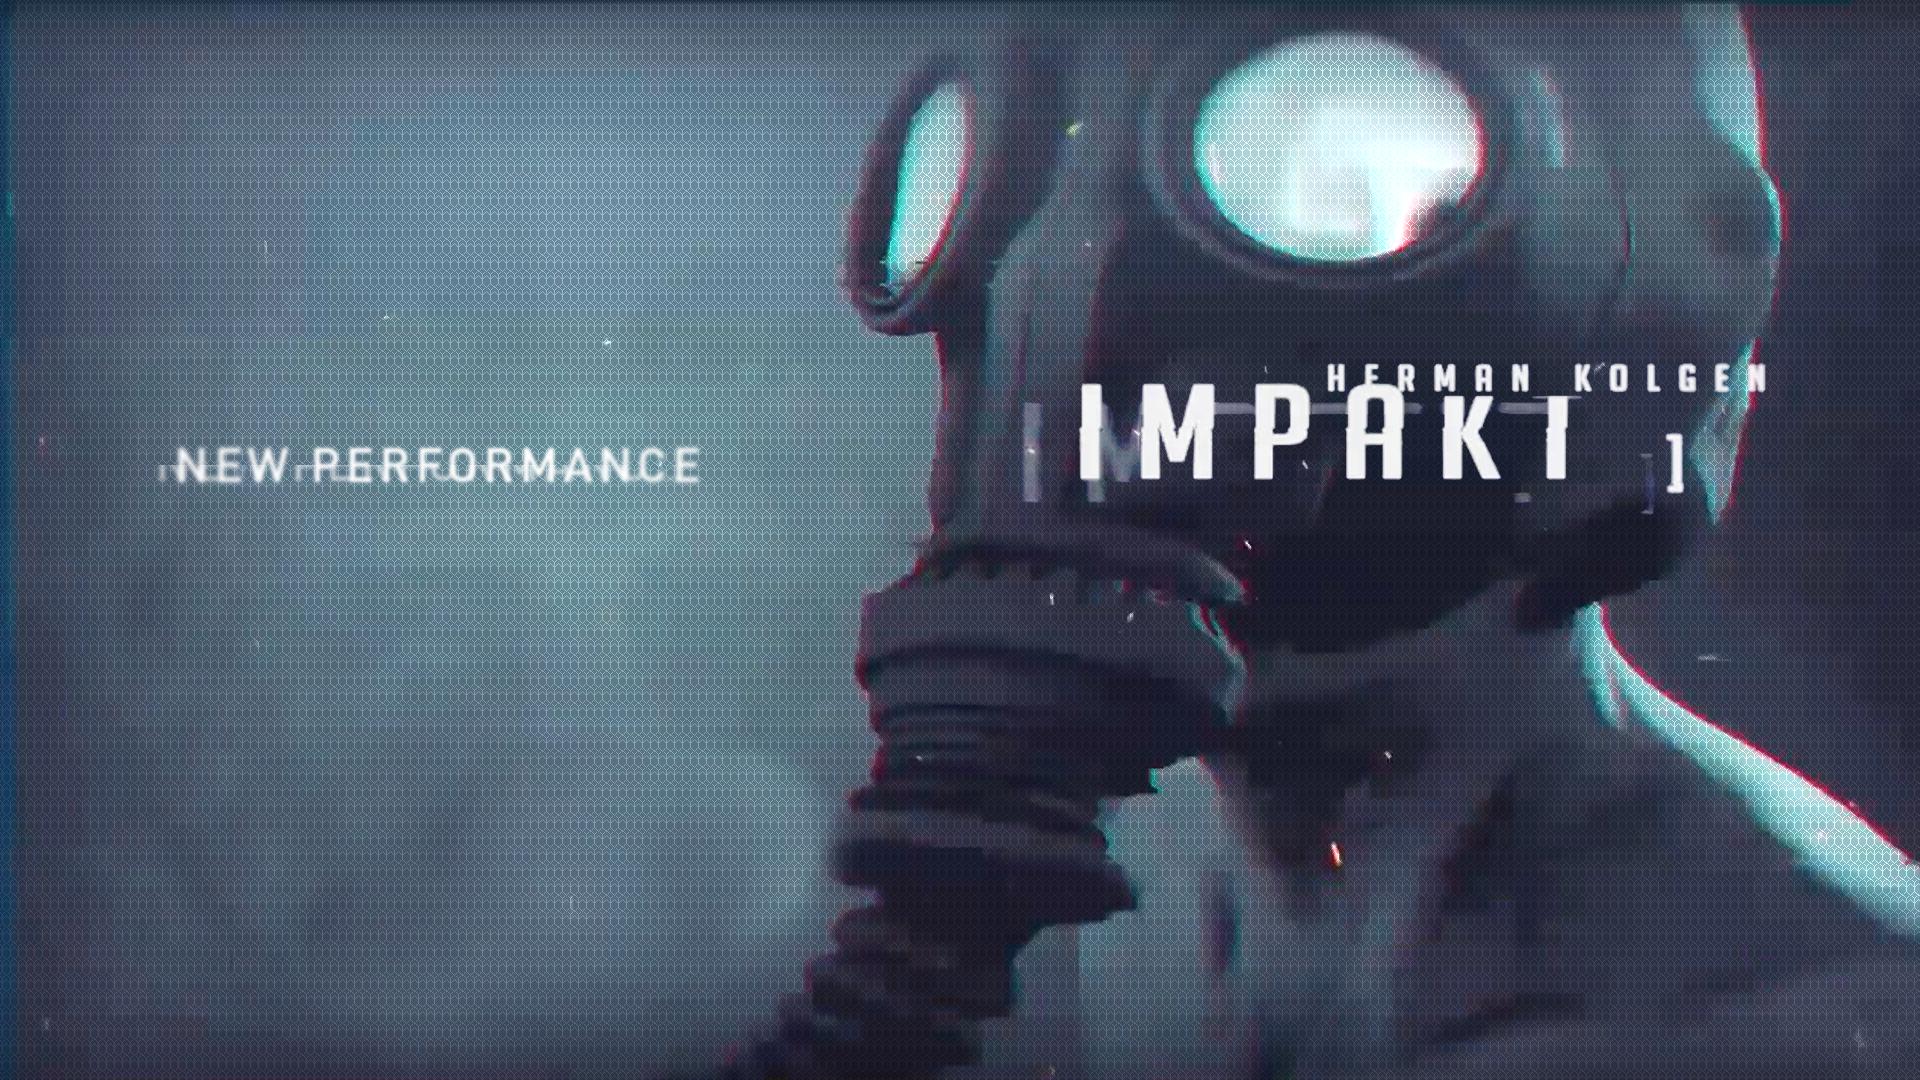 Impakt_Front-net-1